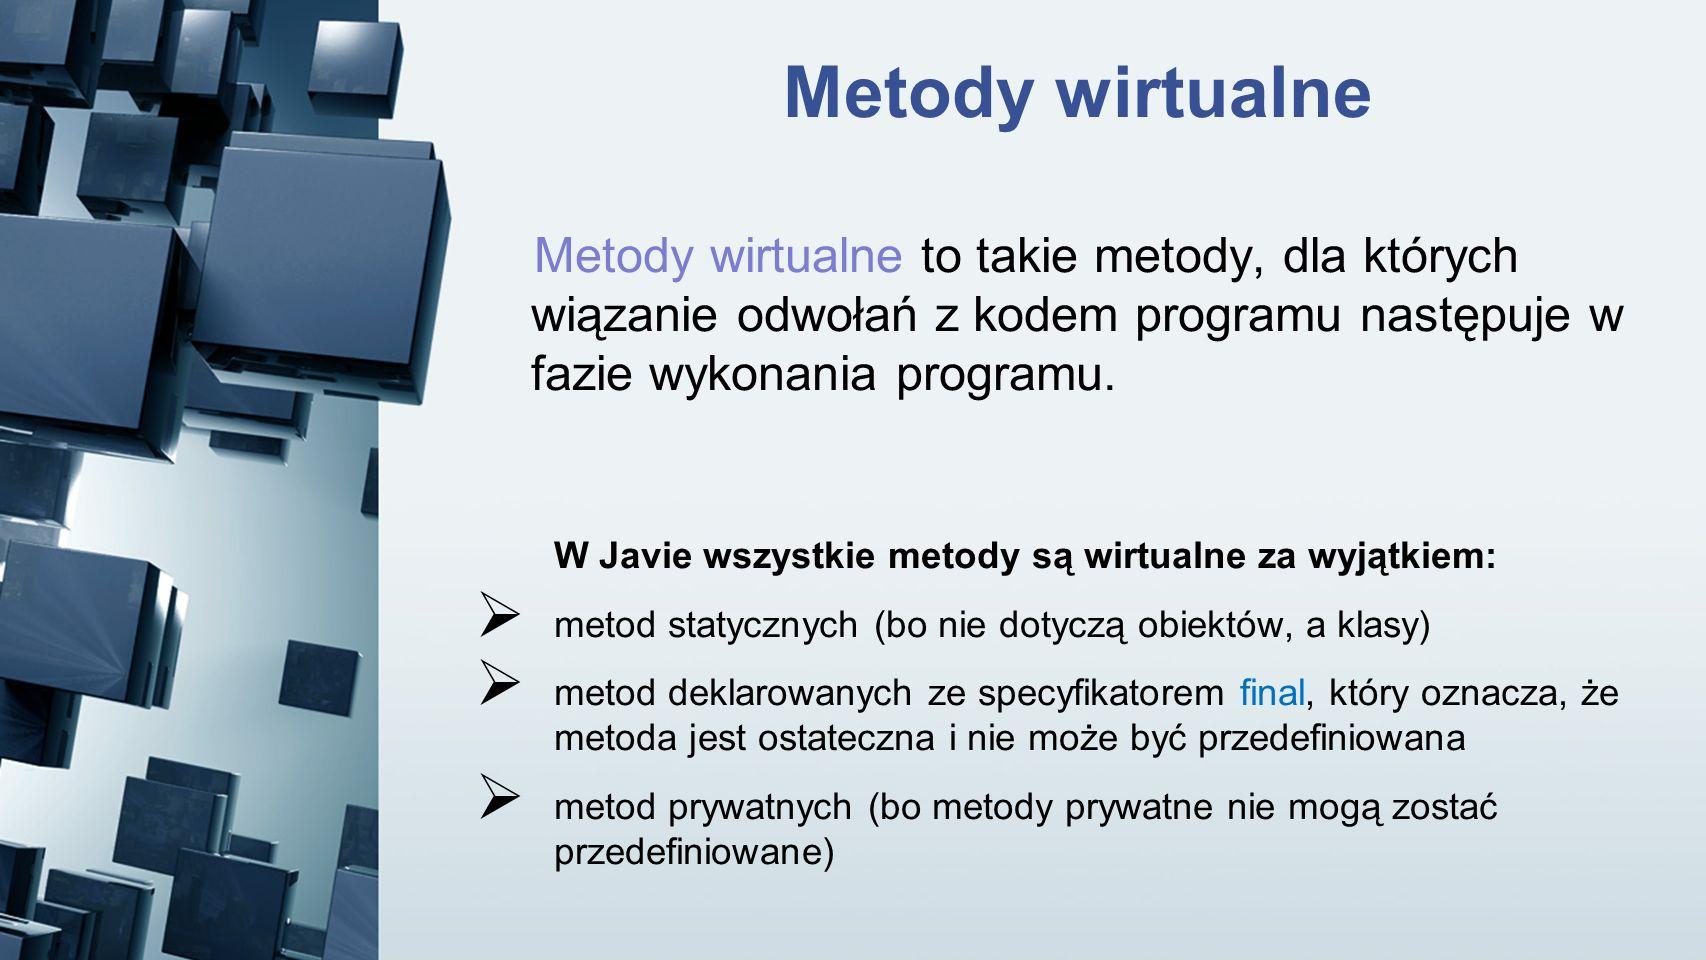 Metody wirtualne Metody wirtualne to takie metody, dla których wiązanie odwołań z kodem programu następuje w fazie wykonania programu. W Javie wszystk